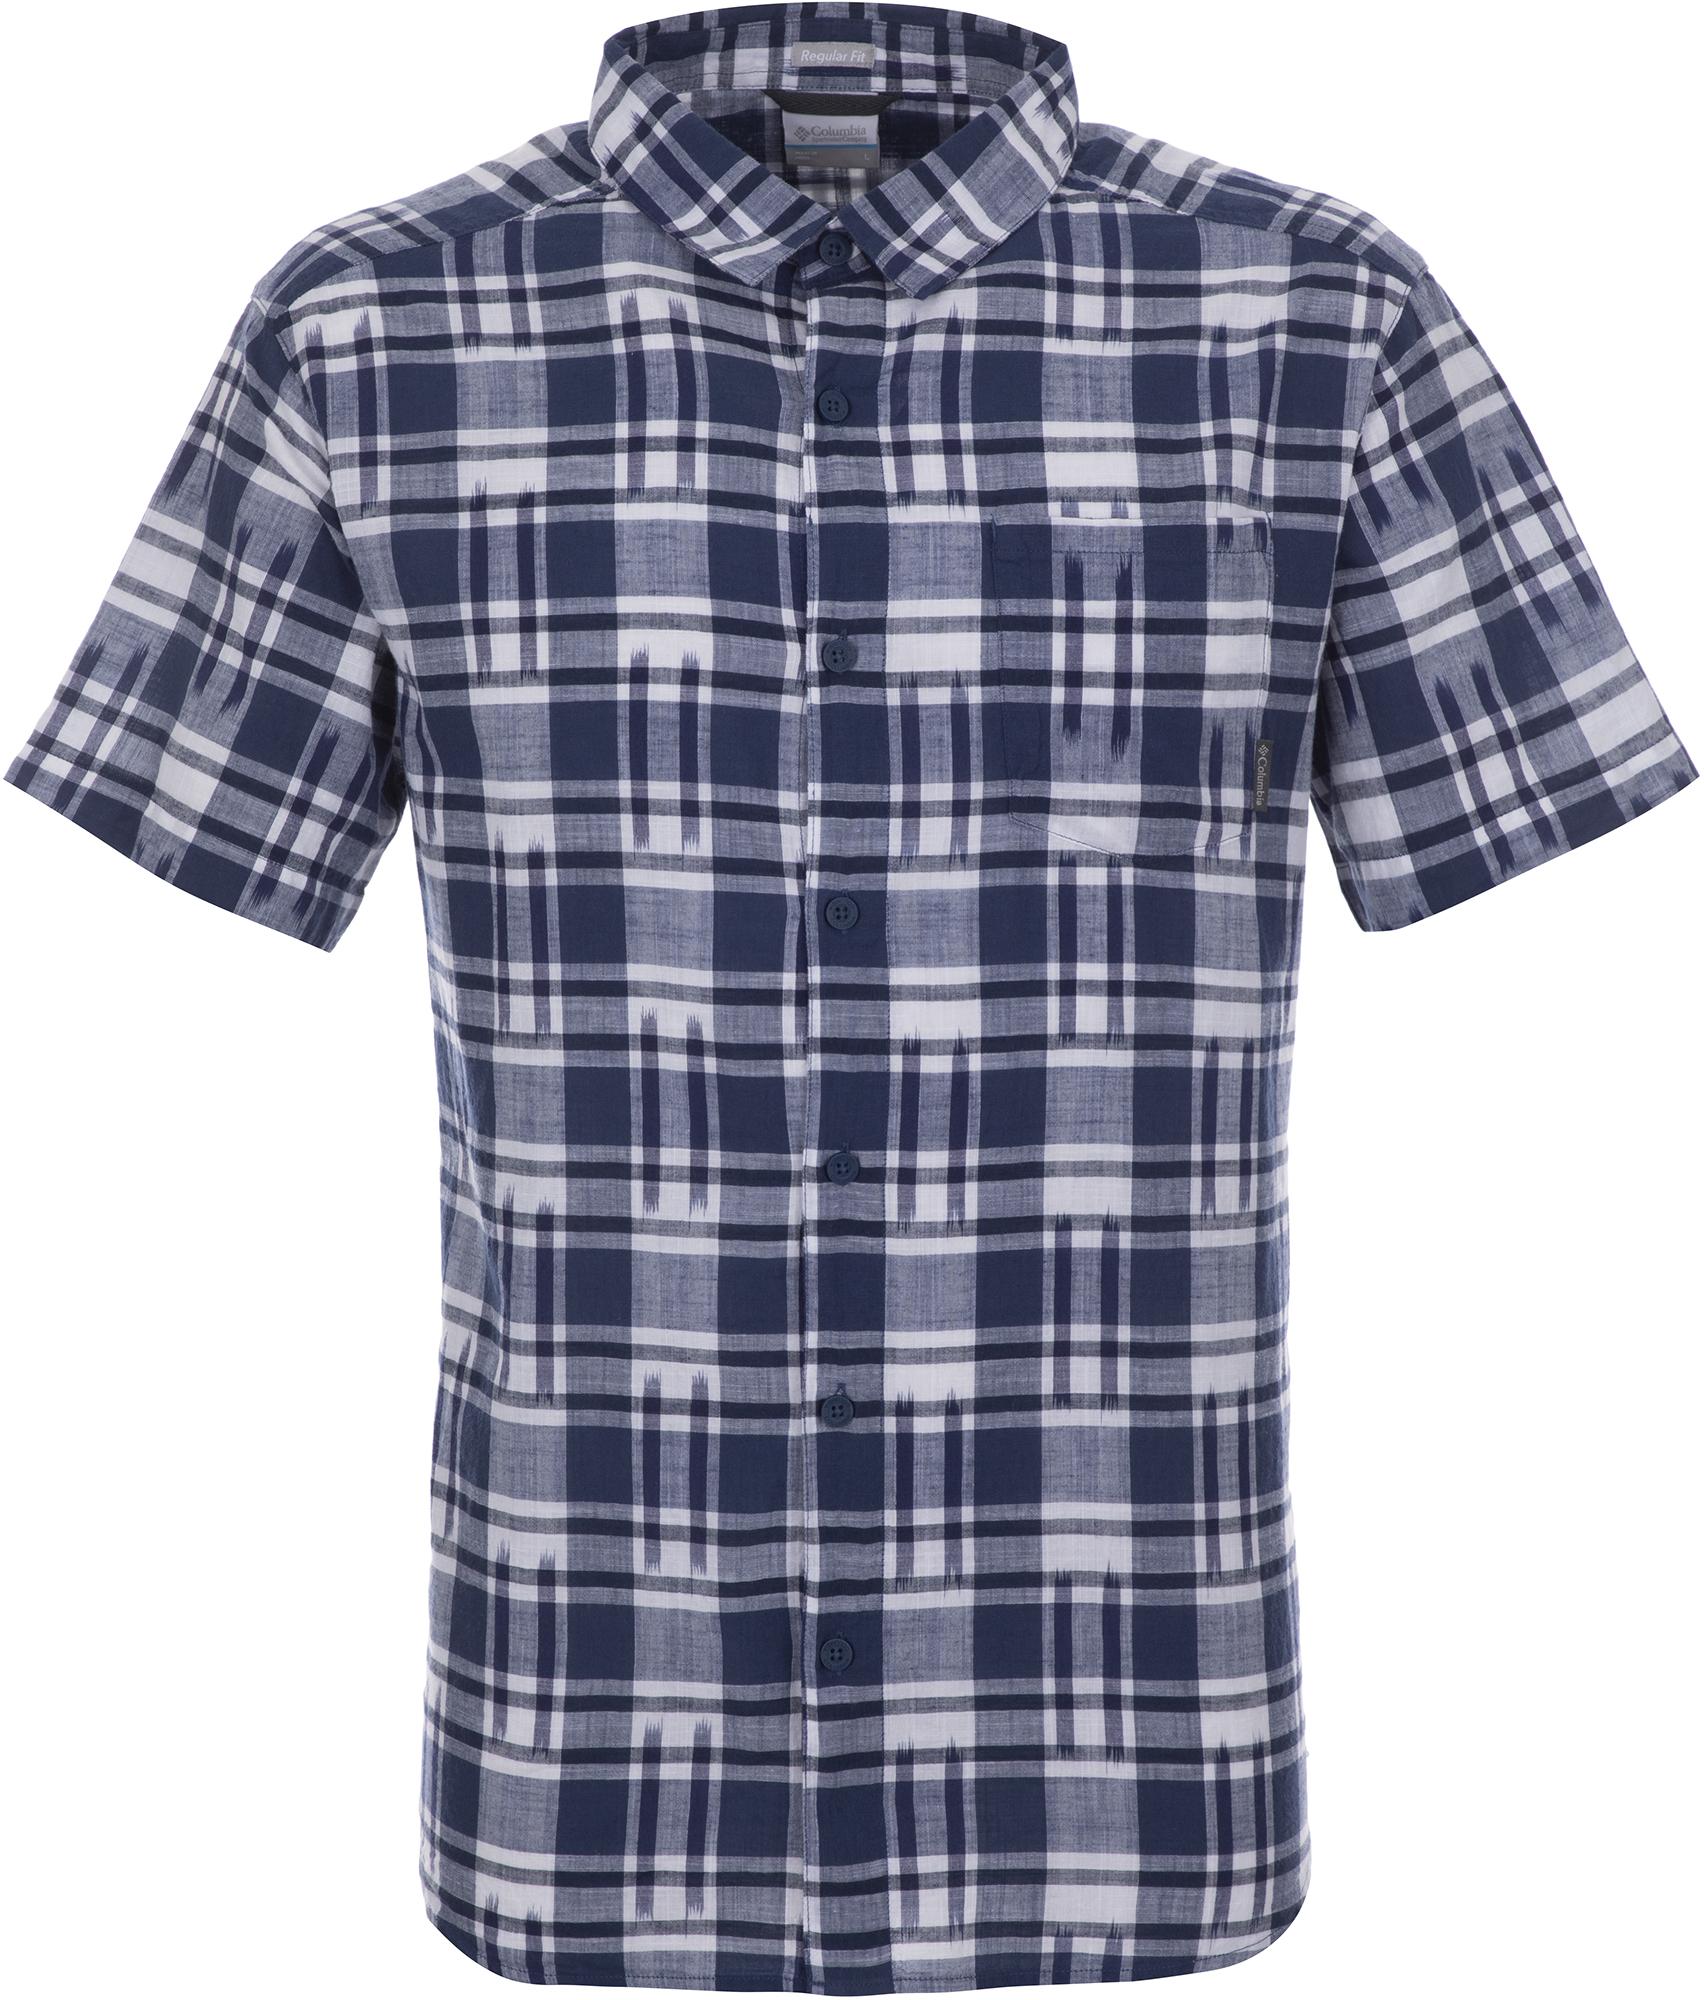 Columbia Рубашка мужская Columbia Under Exposure YD, размер 56-58